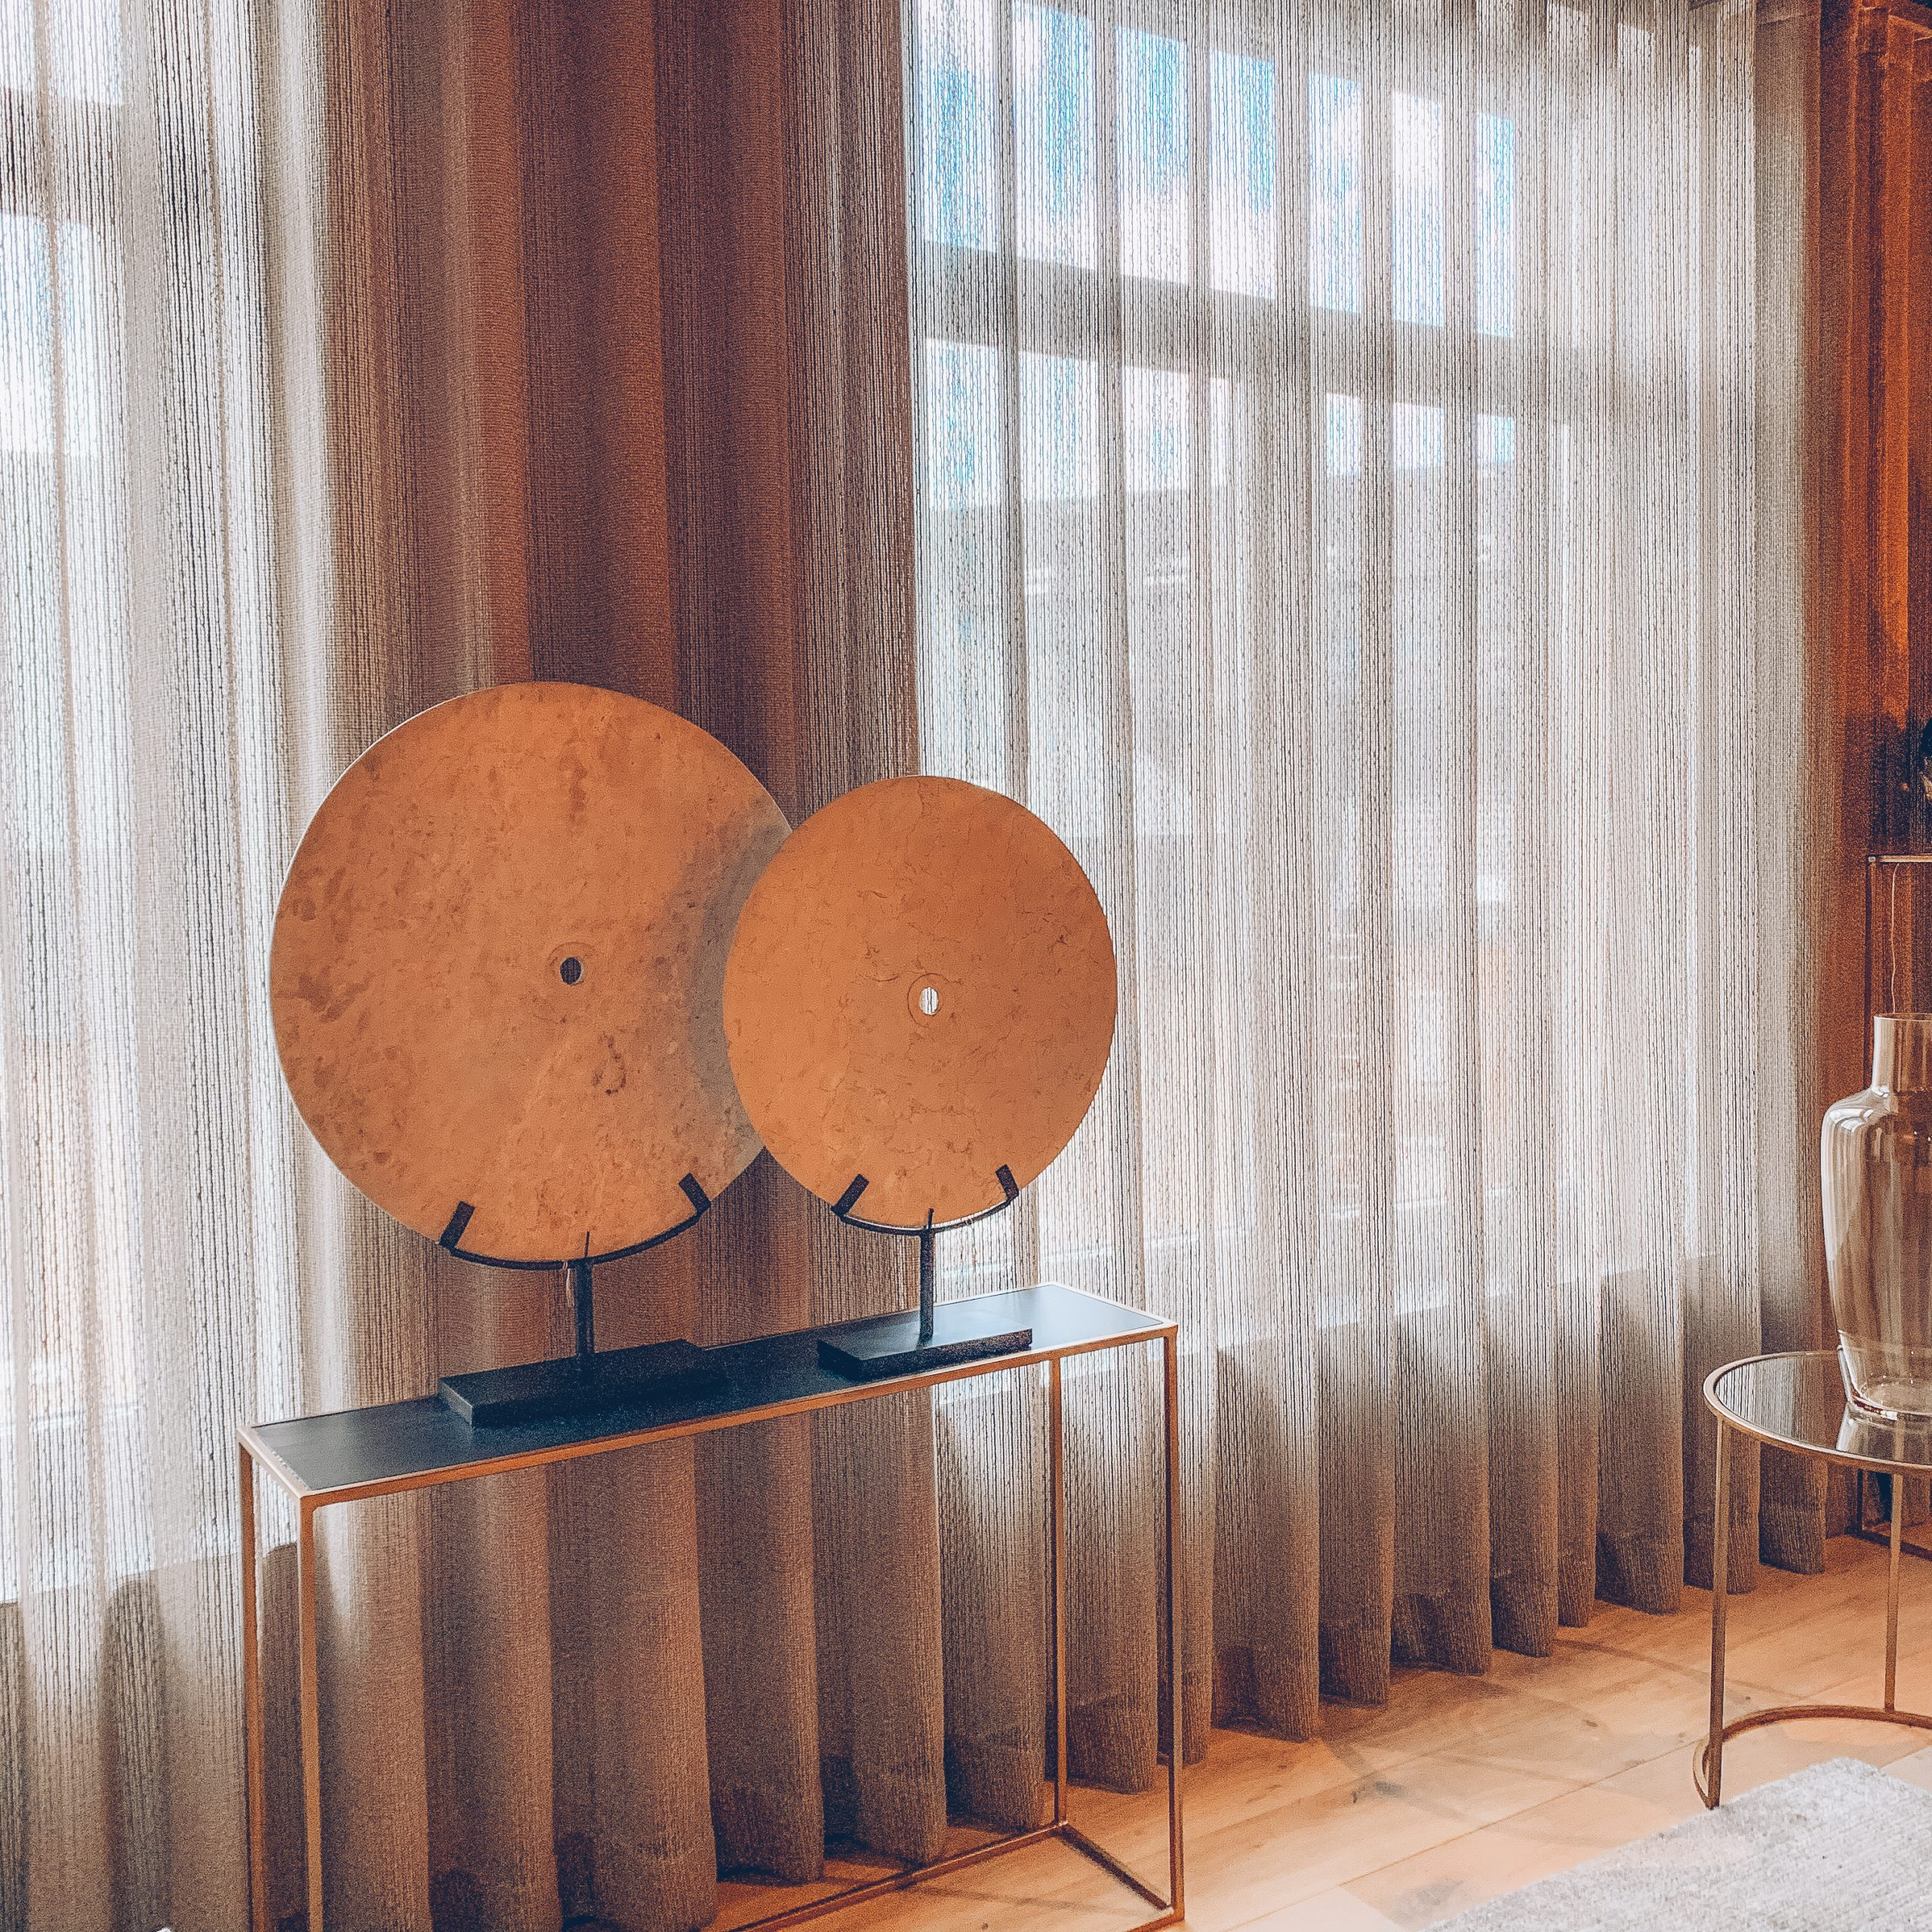 décoration ronde, décoration fenêtres, rideaux, pièce lumineuse,